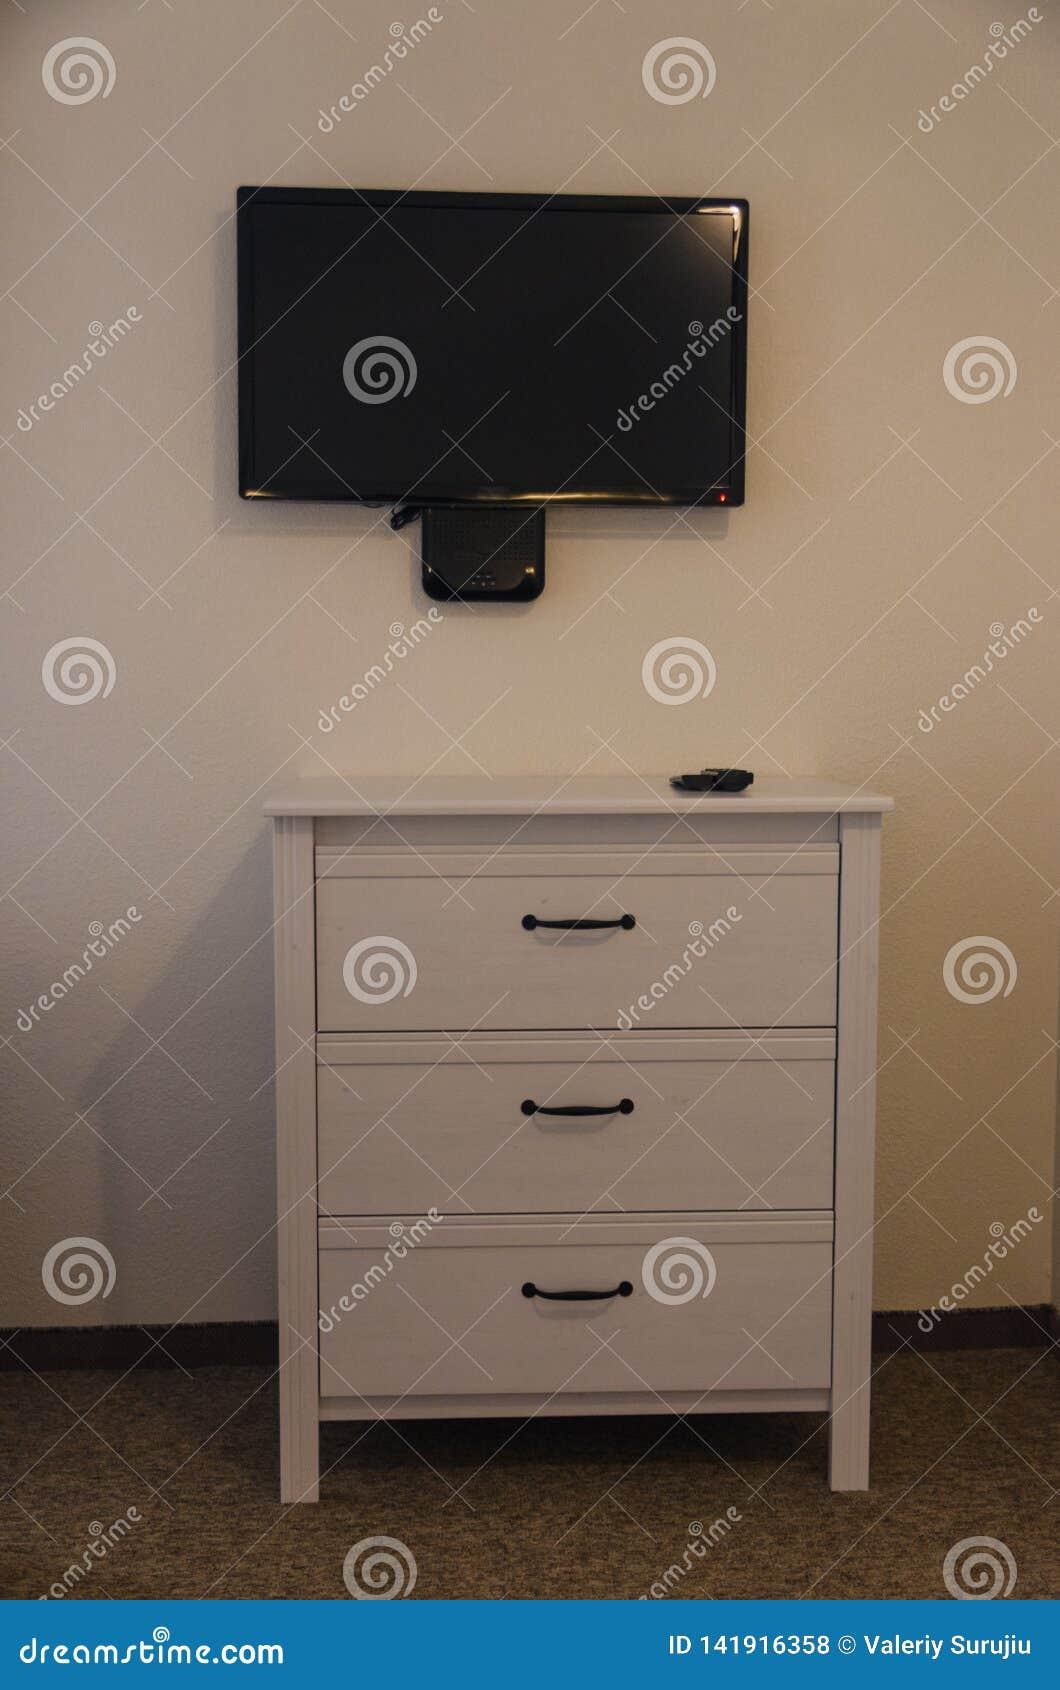 Cassettone ed a TV